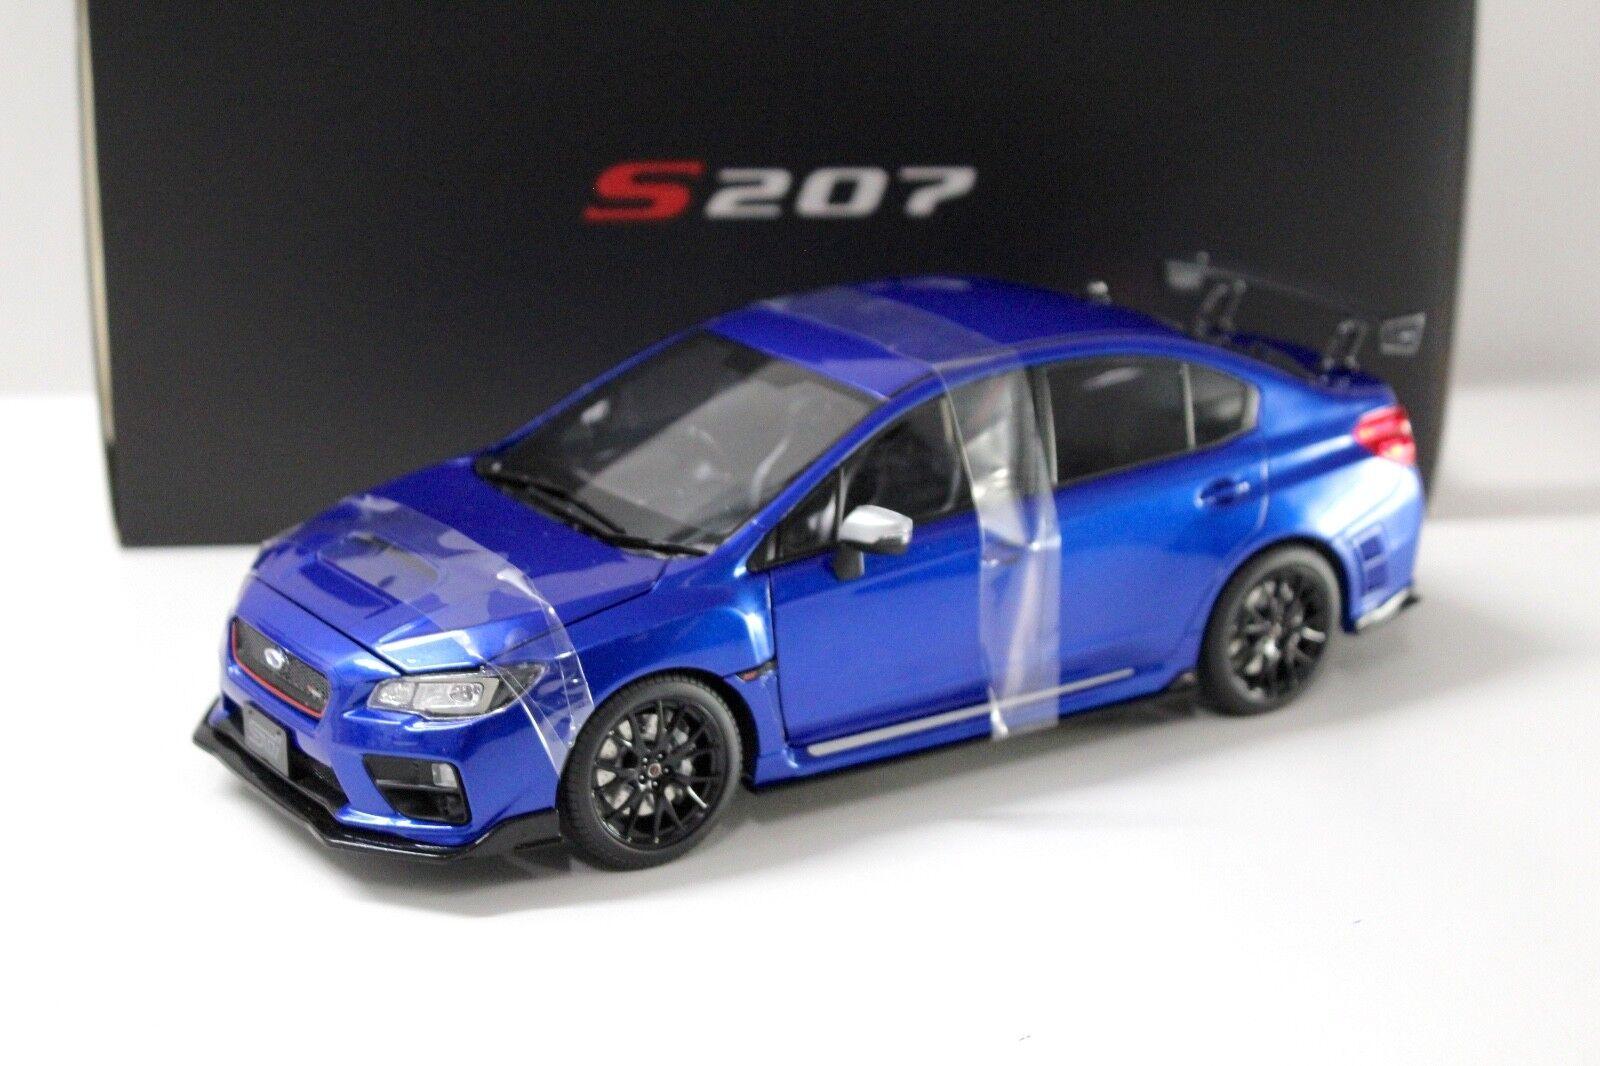 Obtén lo ultimo 1 18 SunEstrella subaru subaru subaru s207 NBR Challenge package azul New en Premium-modelCoches  barato